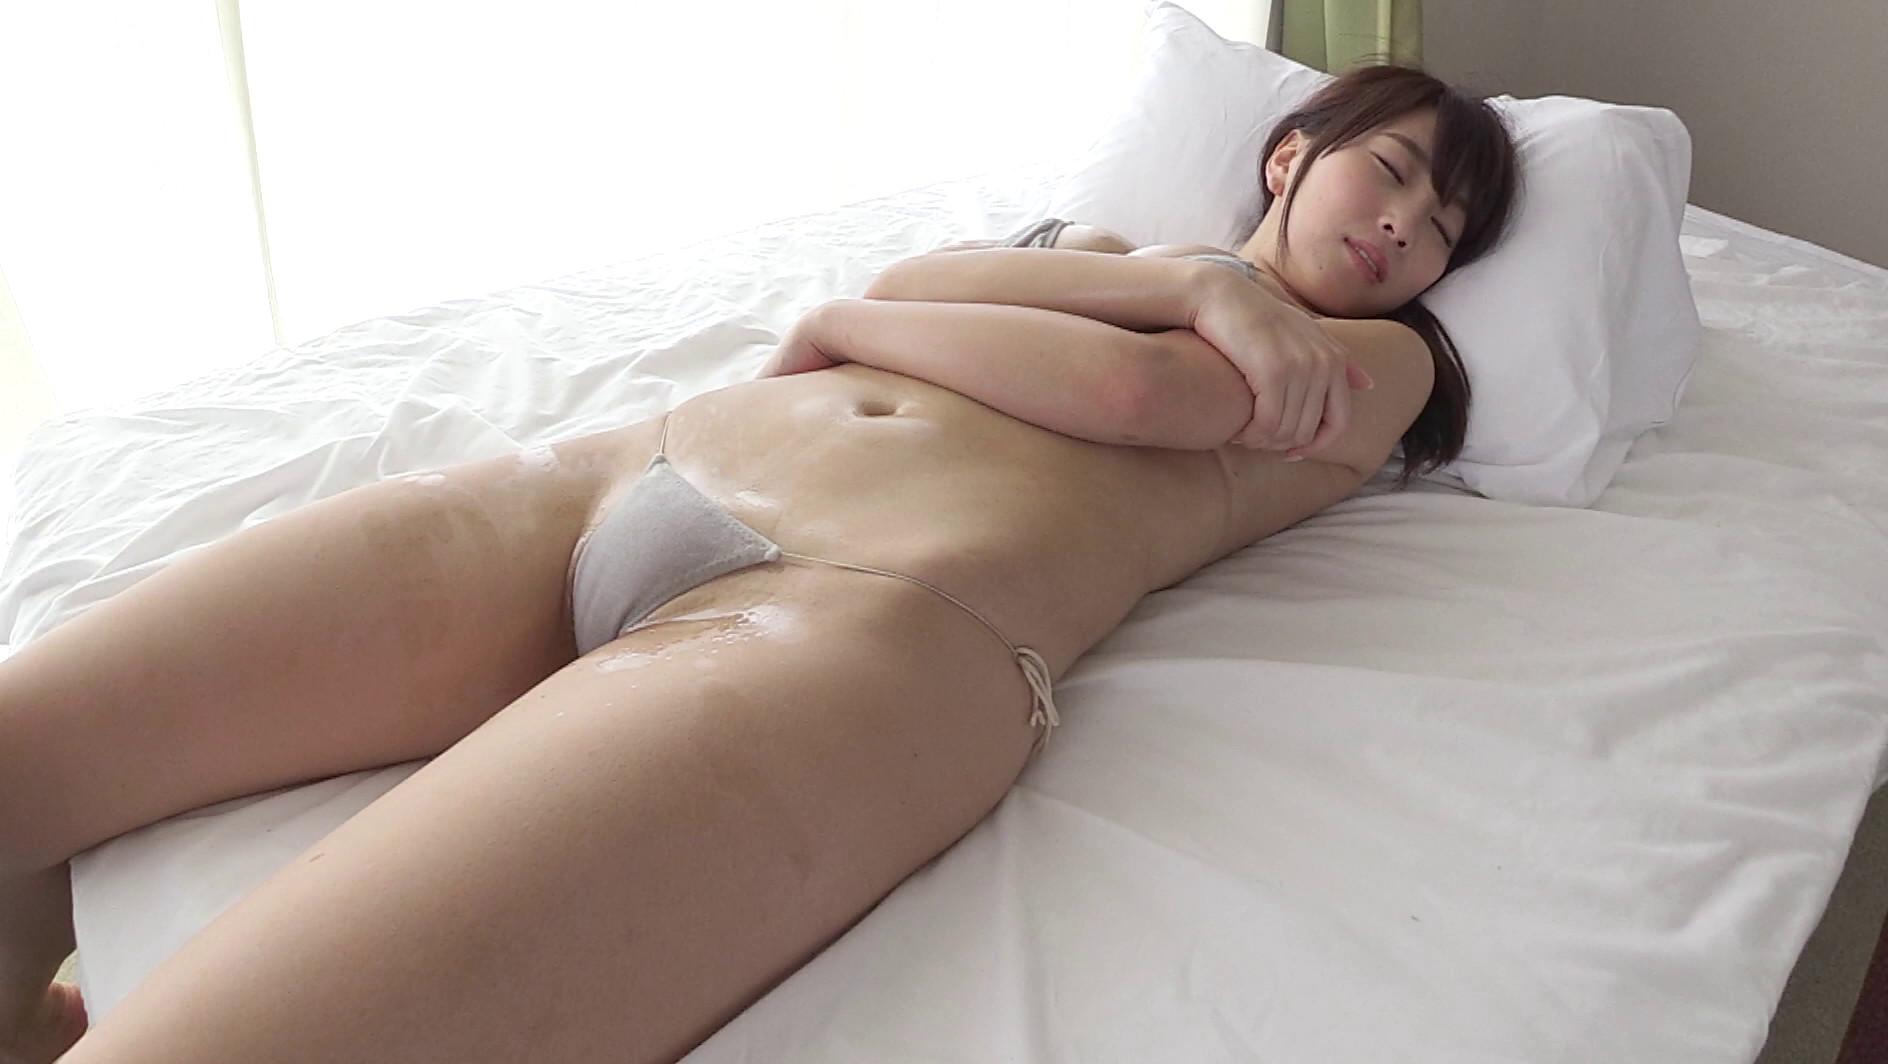 bloom 森咲智美19